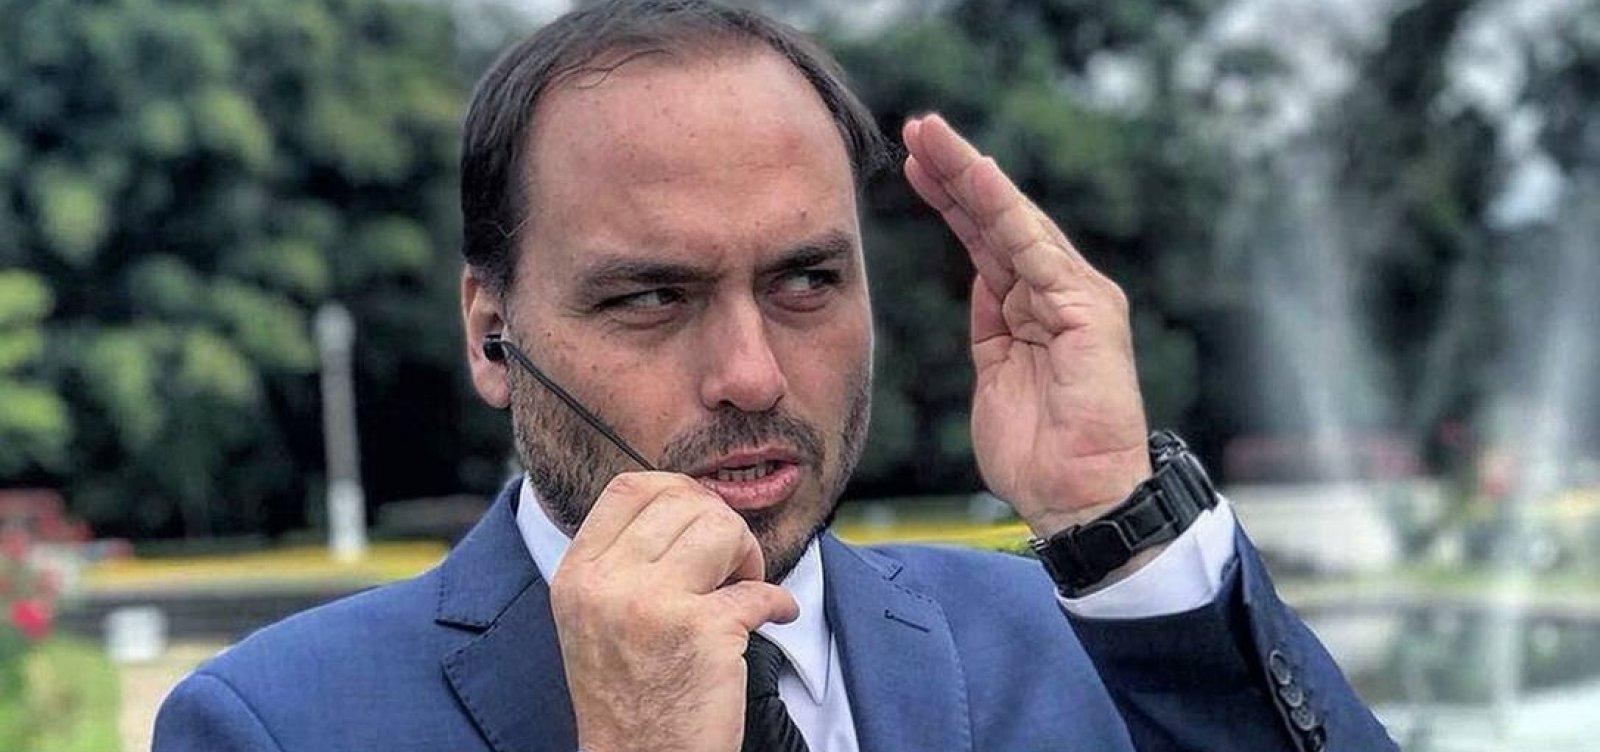 ['Atos antidemocráticos são meus ovos na goela', diz Carlos Bolsonaro sobre depoimento à PF divulgado]